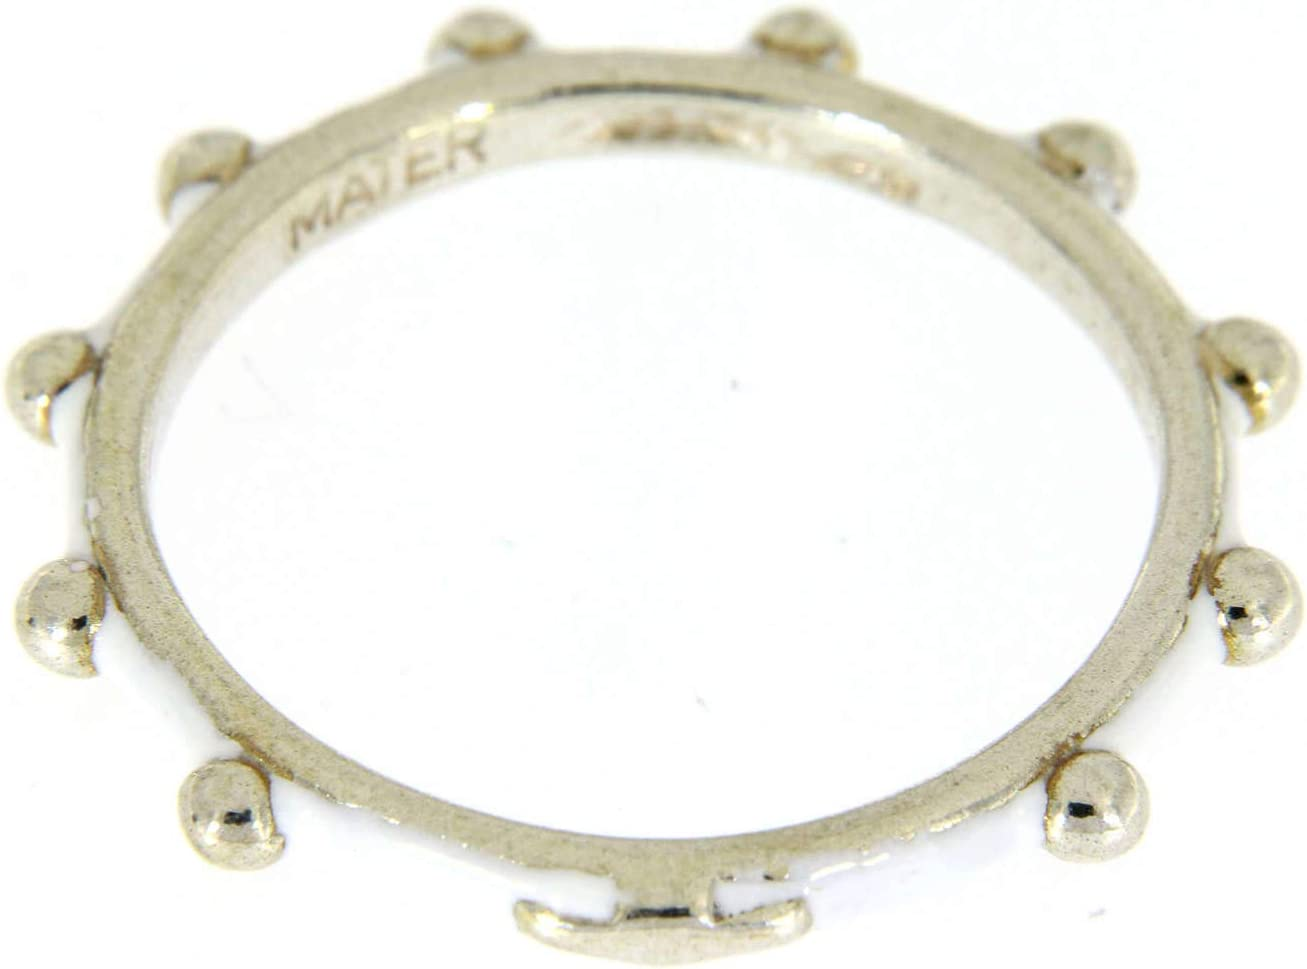 Holyart Rosenkranz Ring Mater Silber 925 und wei/Ã?en Emaillack - DE 53 0.669 inc. 17 mm